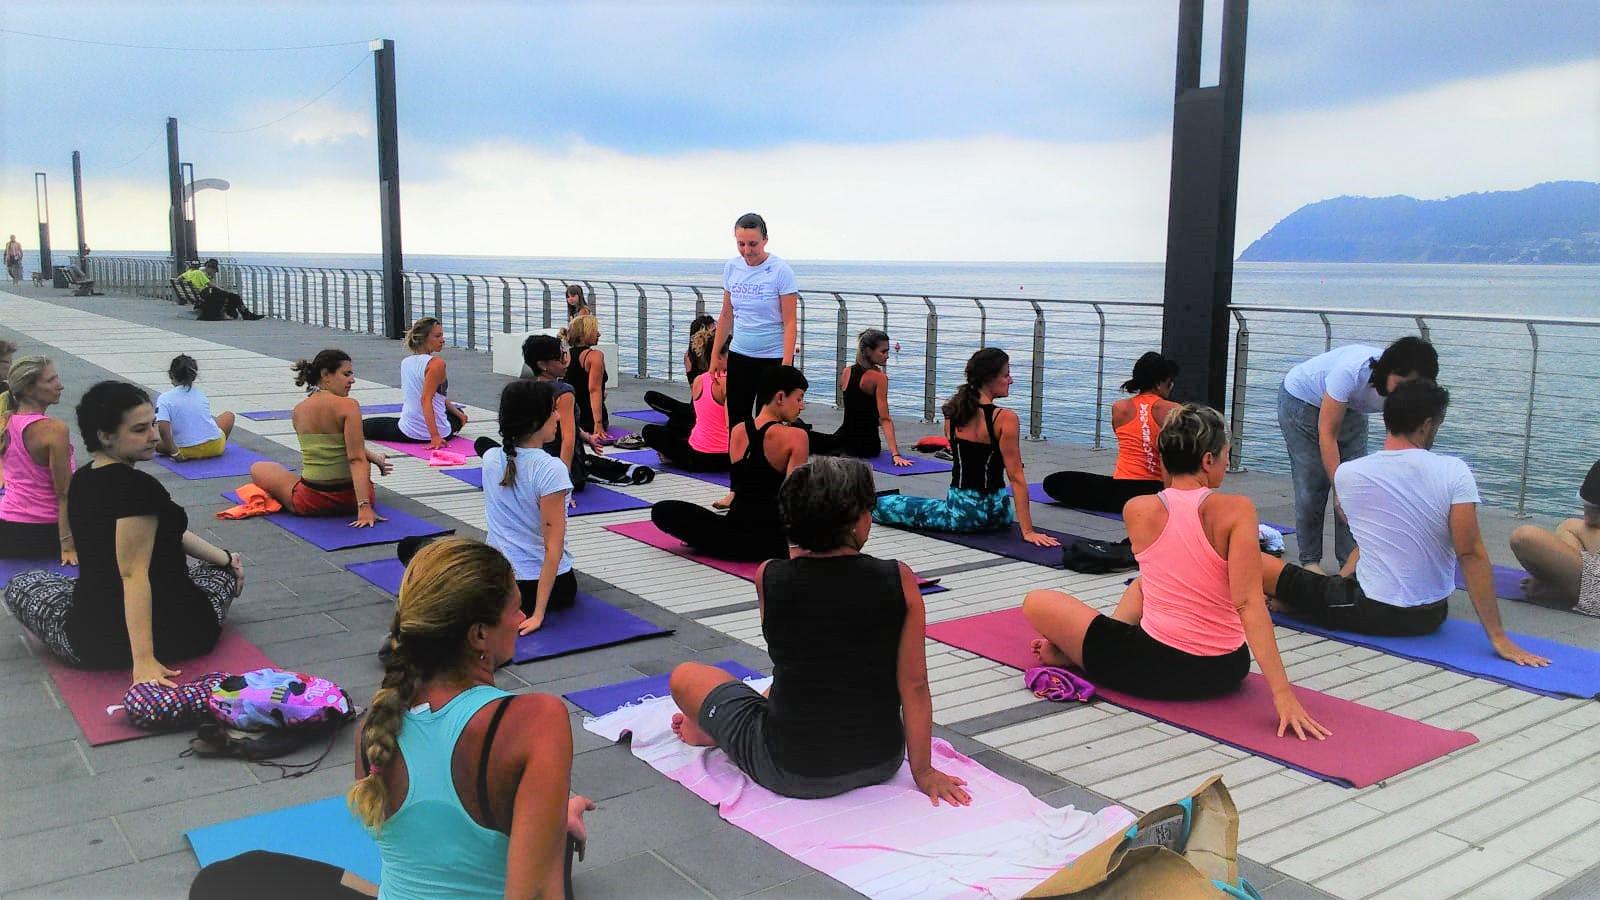 1_essere-free-yoga-gratuito-benessere-per-tutti-village-citta-alassio-estate-lucia-ragazzi-summer-town-wellness-097